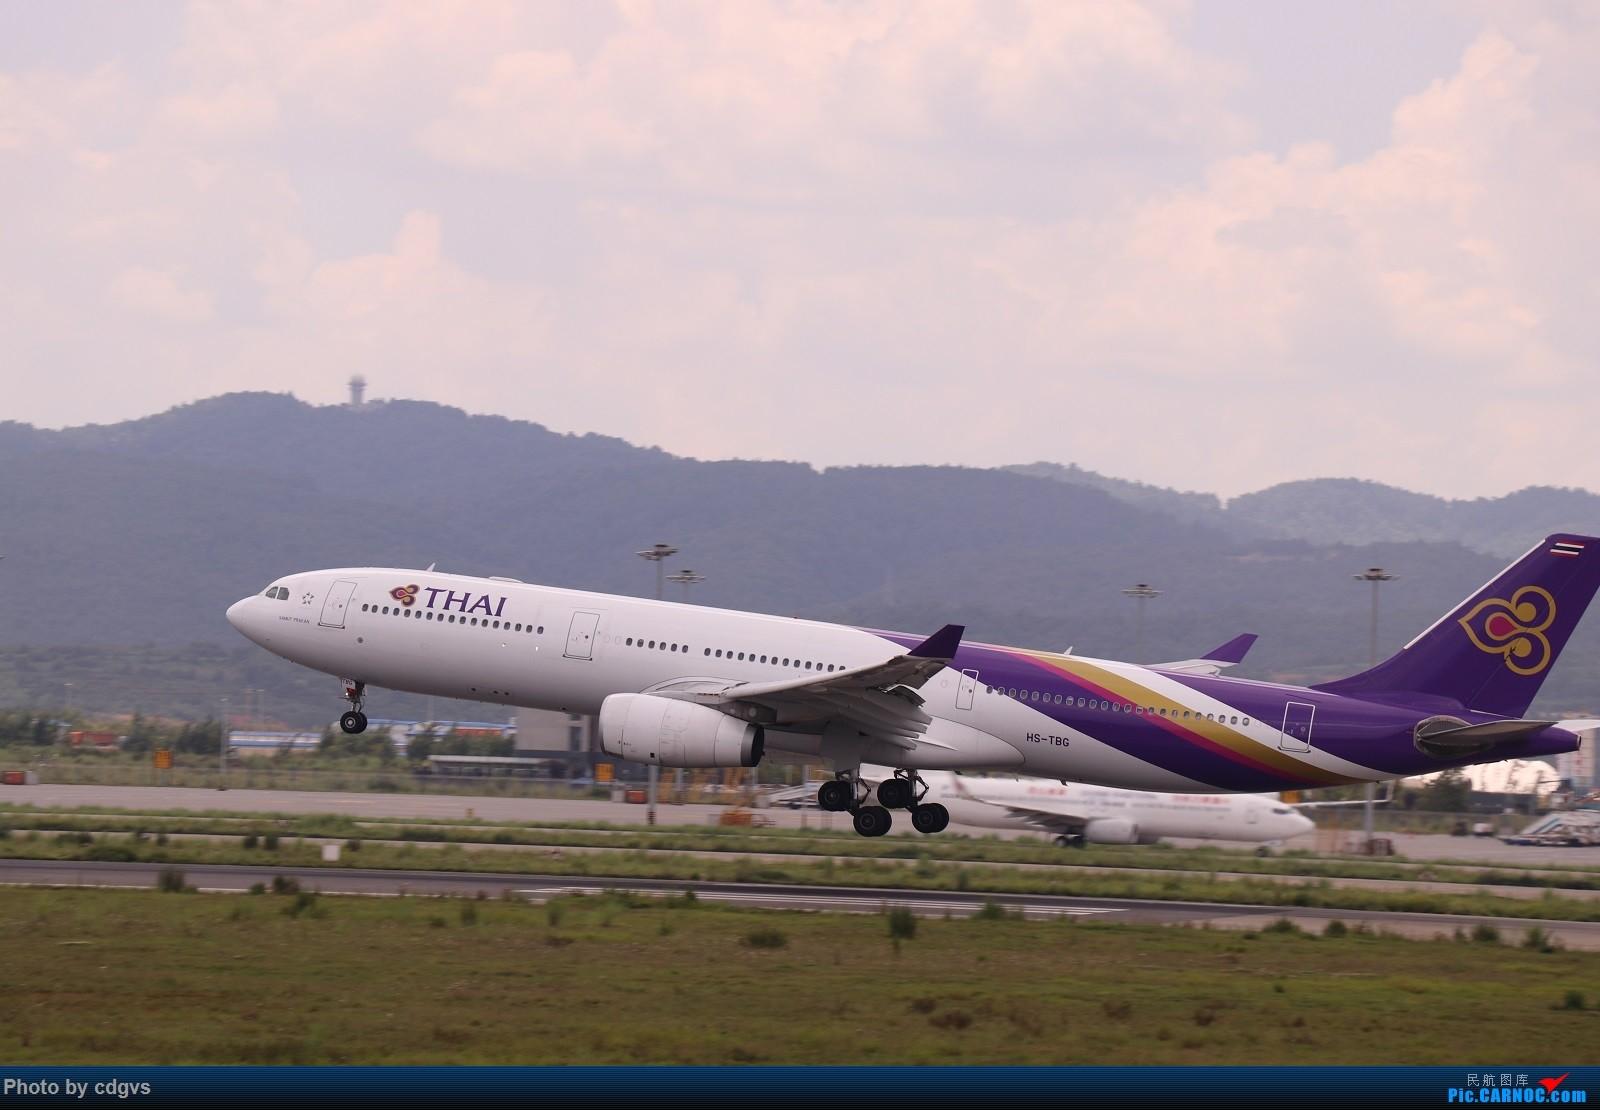 Re:[原创]【KMG】昆明的一天 1600大图 一次看个爽 AIRBUS A330-300 HS-TBG 中国昆明长水国际机场